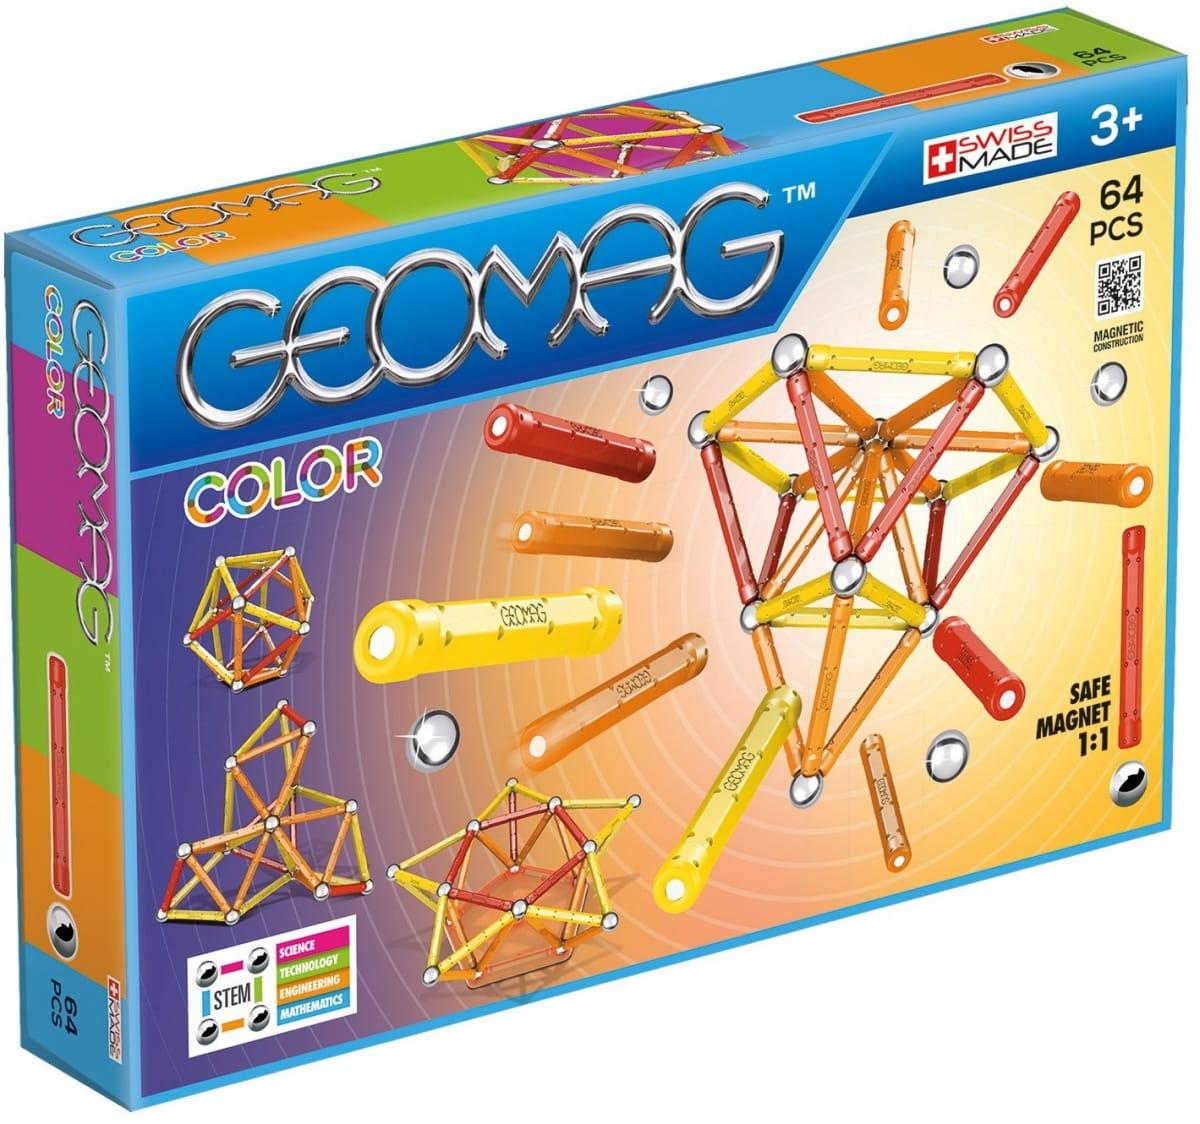 Магнитный конструктор GEOMAG Color - 64 детали